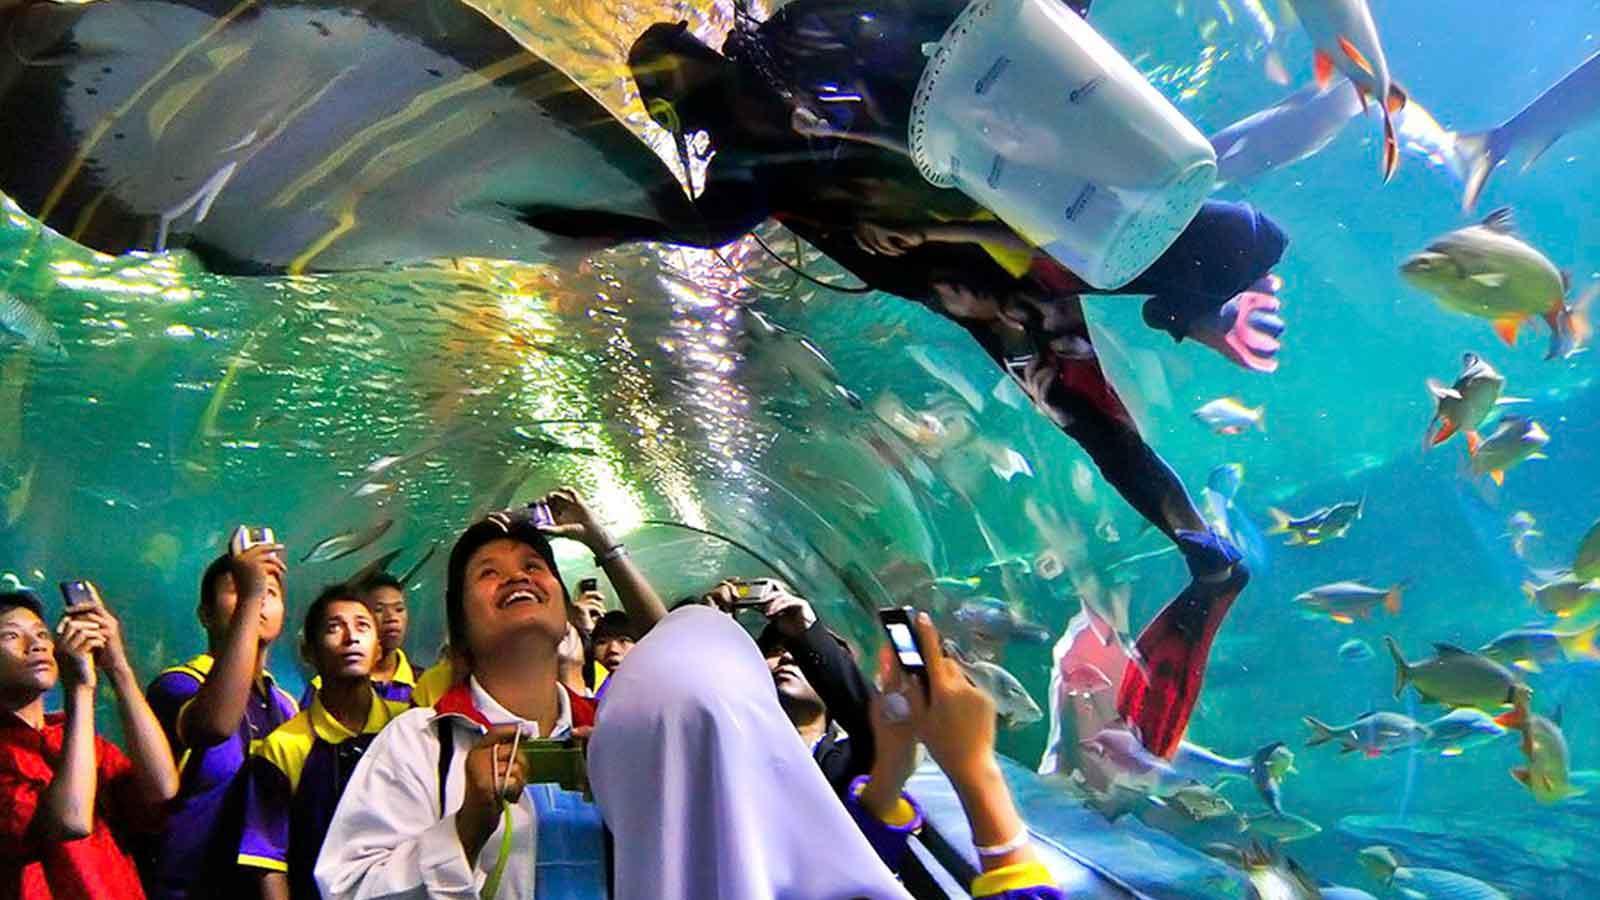 Du khách luôn hào hứng khi ngắm nhìn cuộc sống ở đại dương thu nhỏ